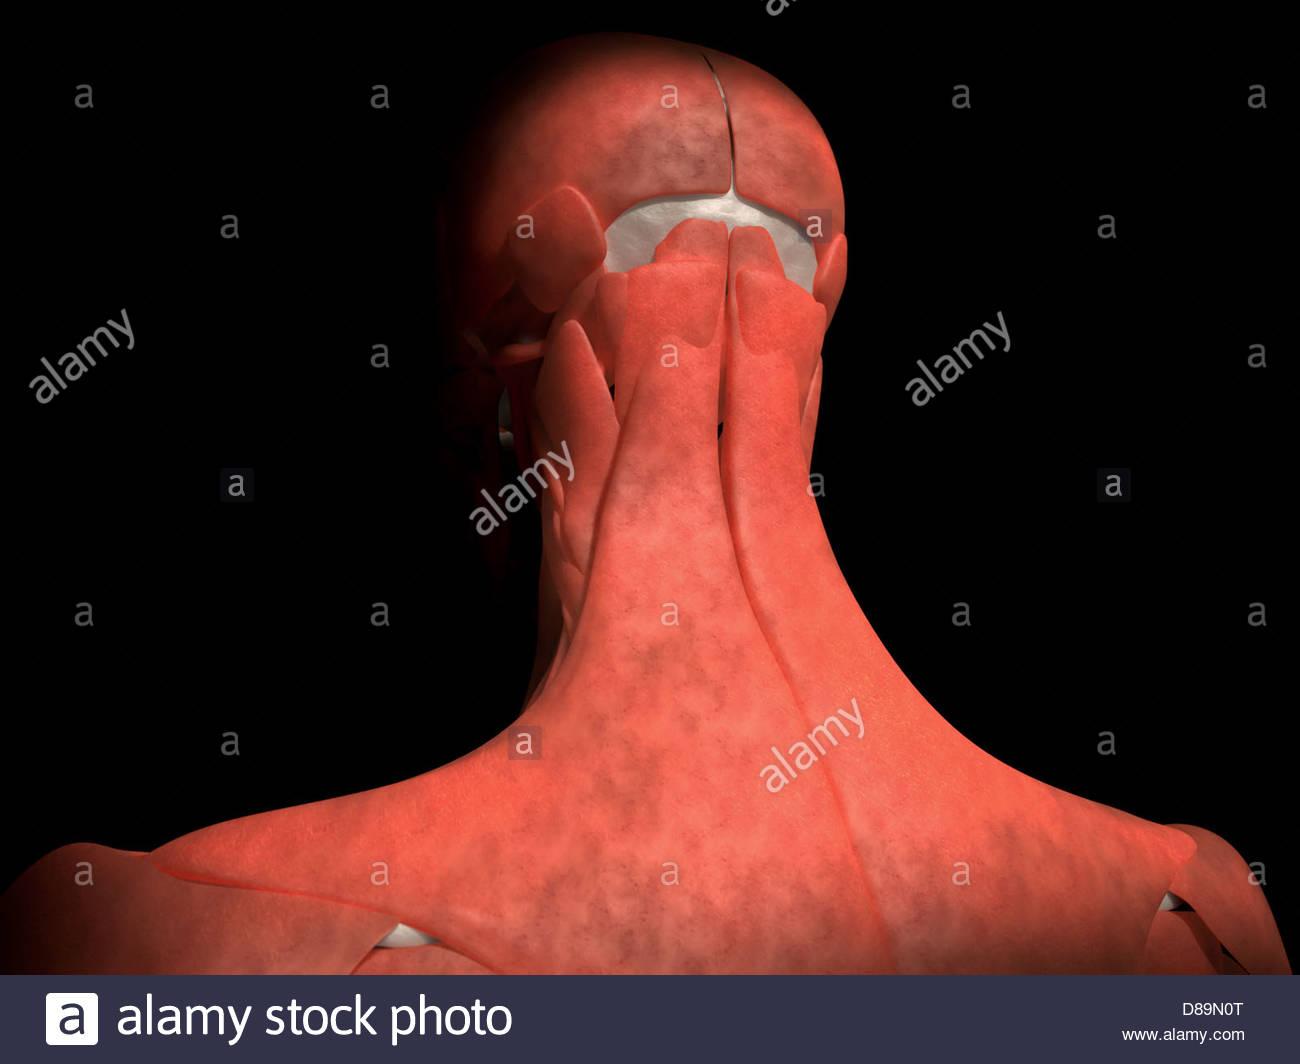 Ilustración médica digital: Vista Posterior (Trasera) de cráneo ...